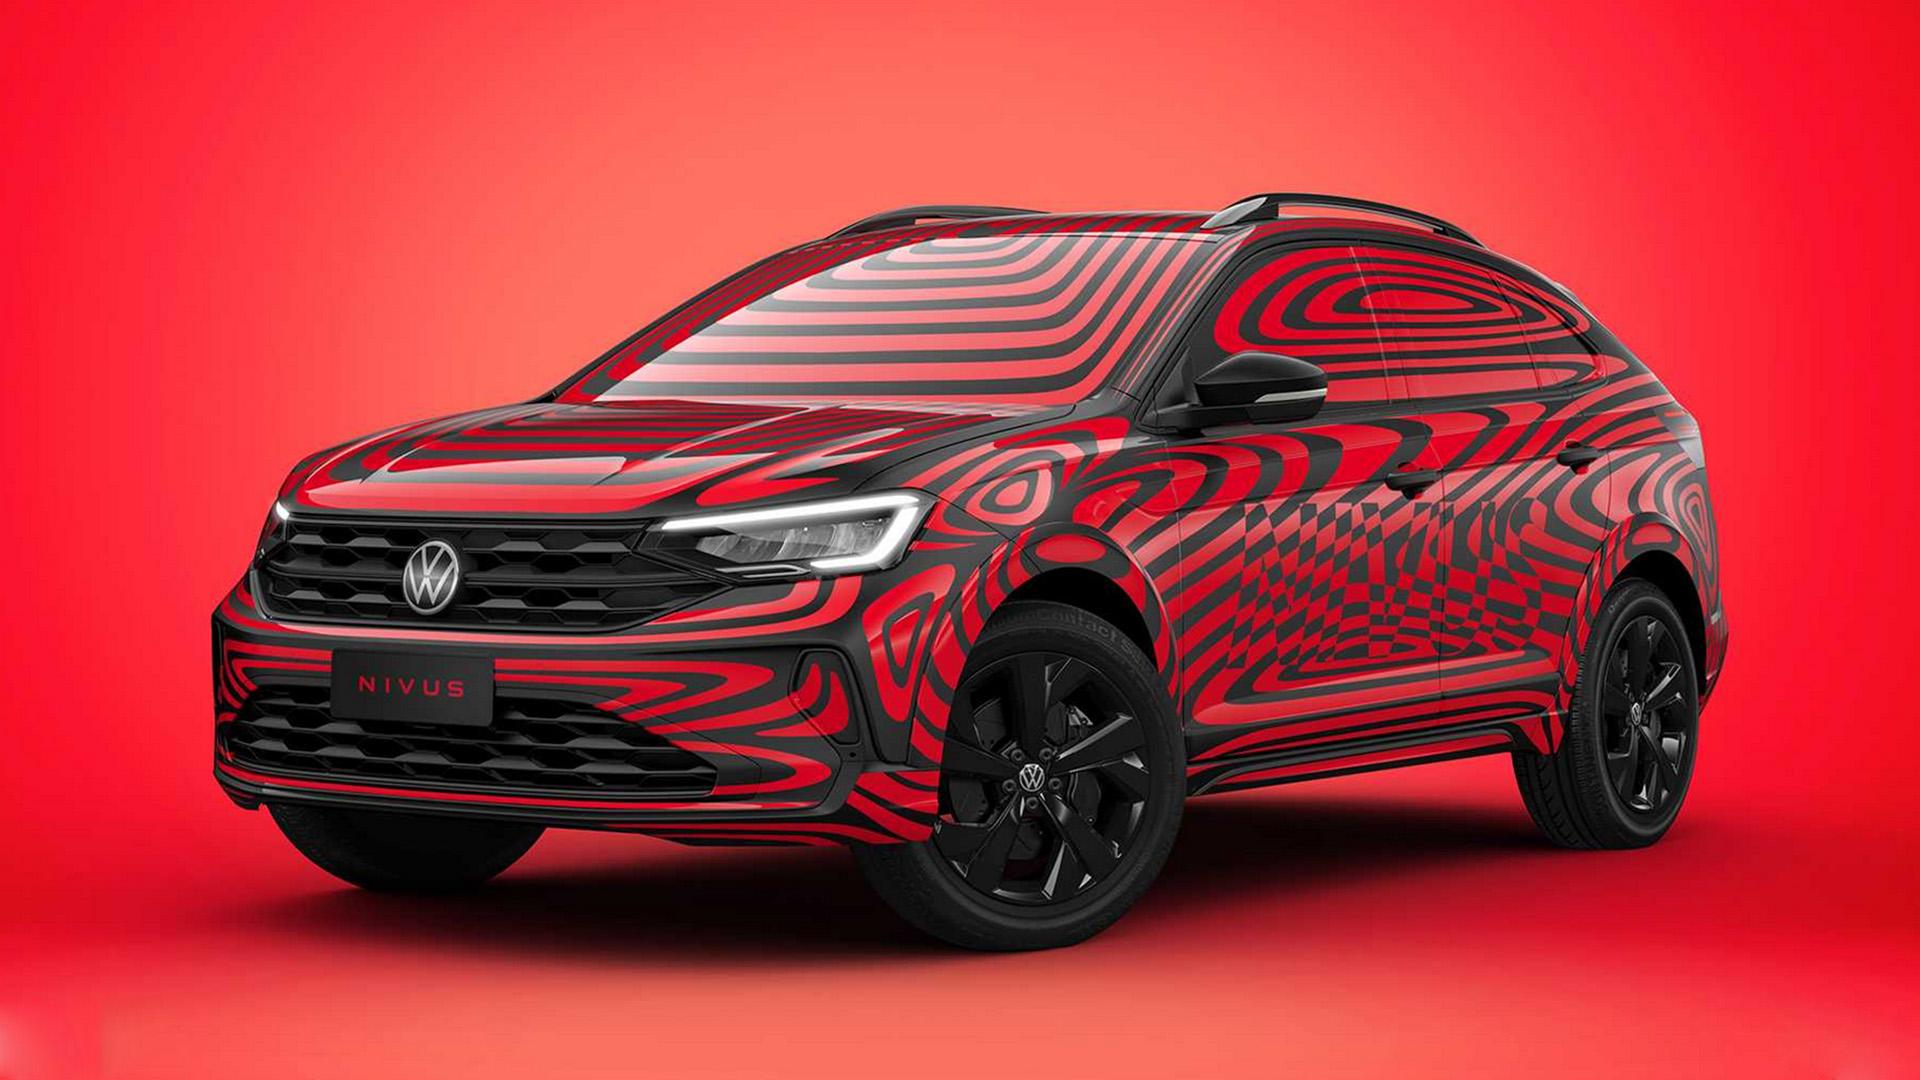 Volkswagen confirma el nuevo SUV Nivus para el segundo semestre | Garantia Plus